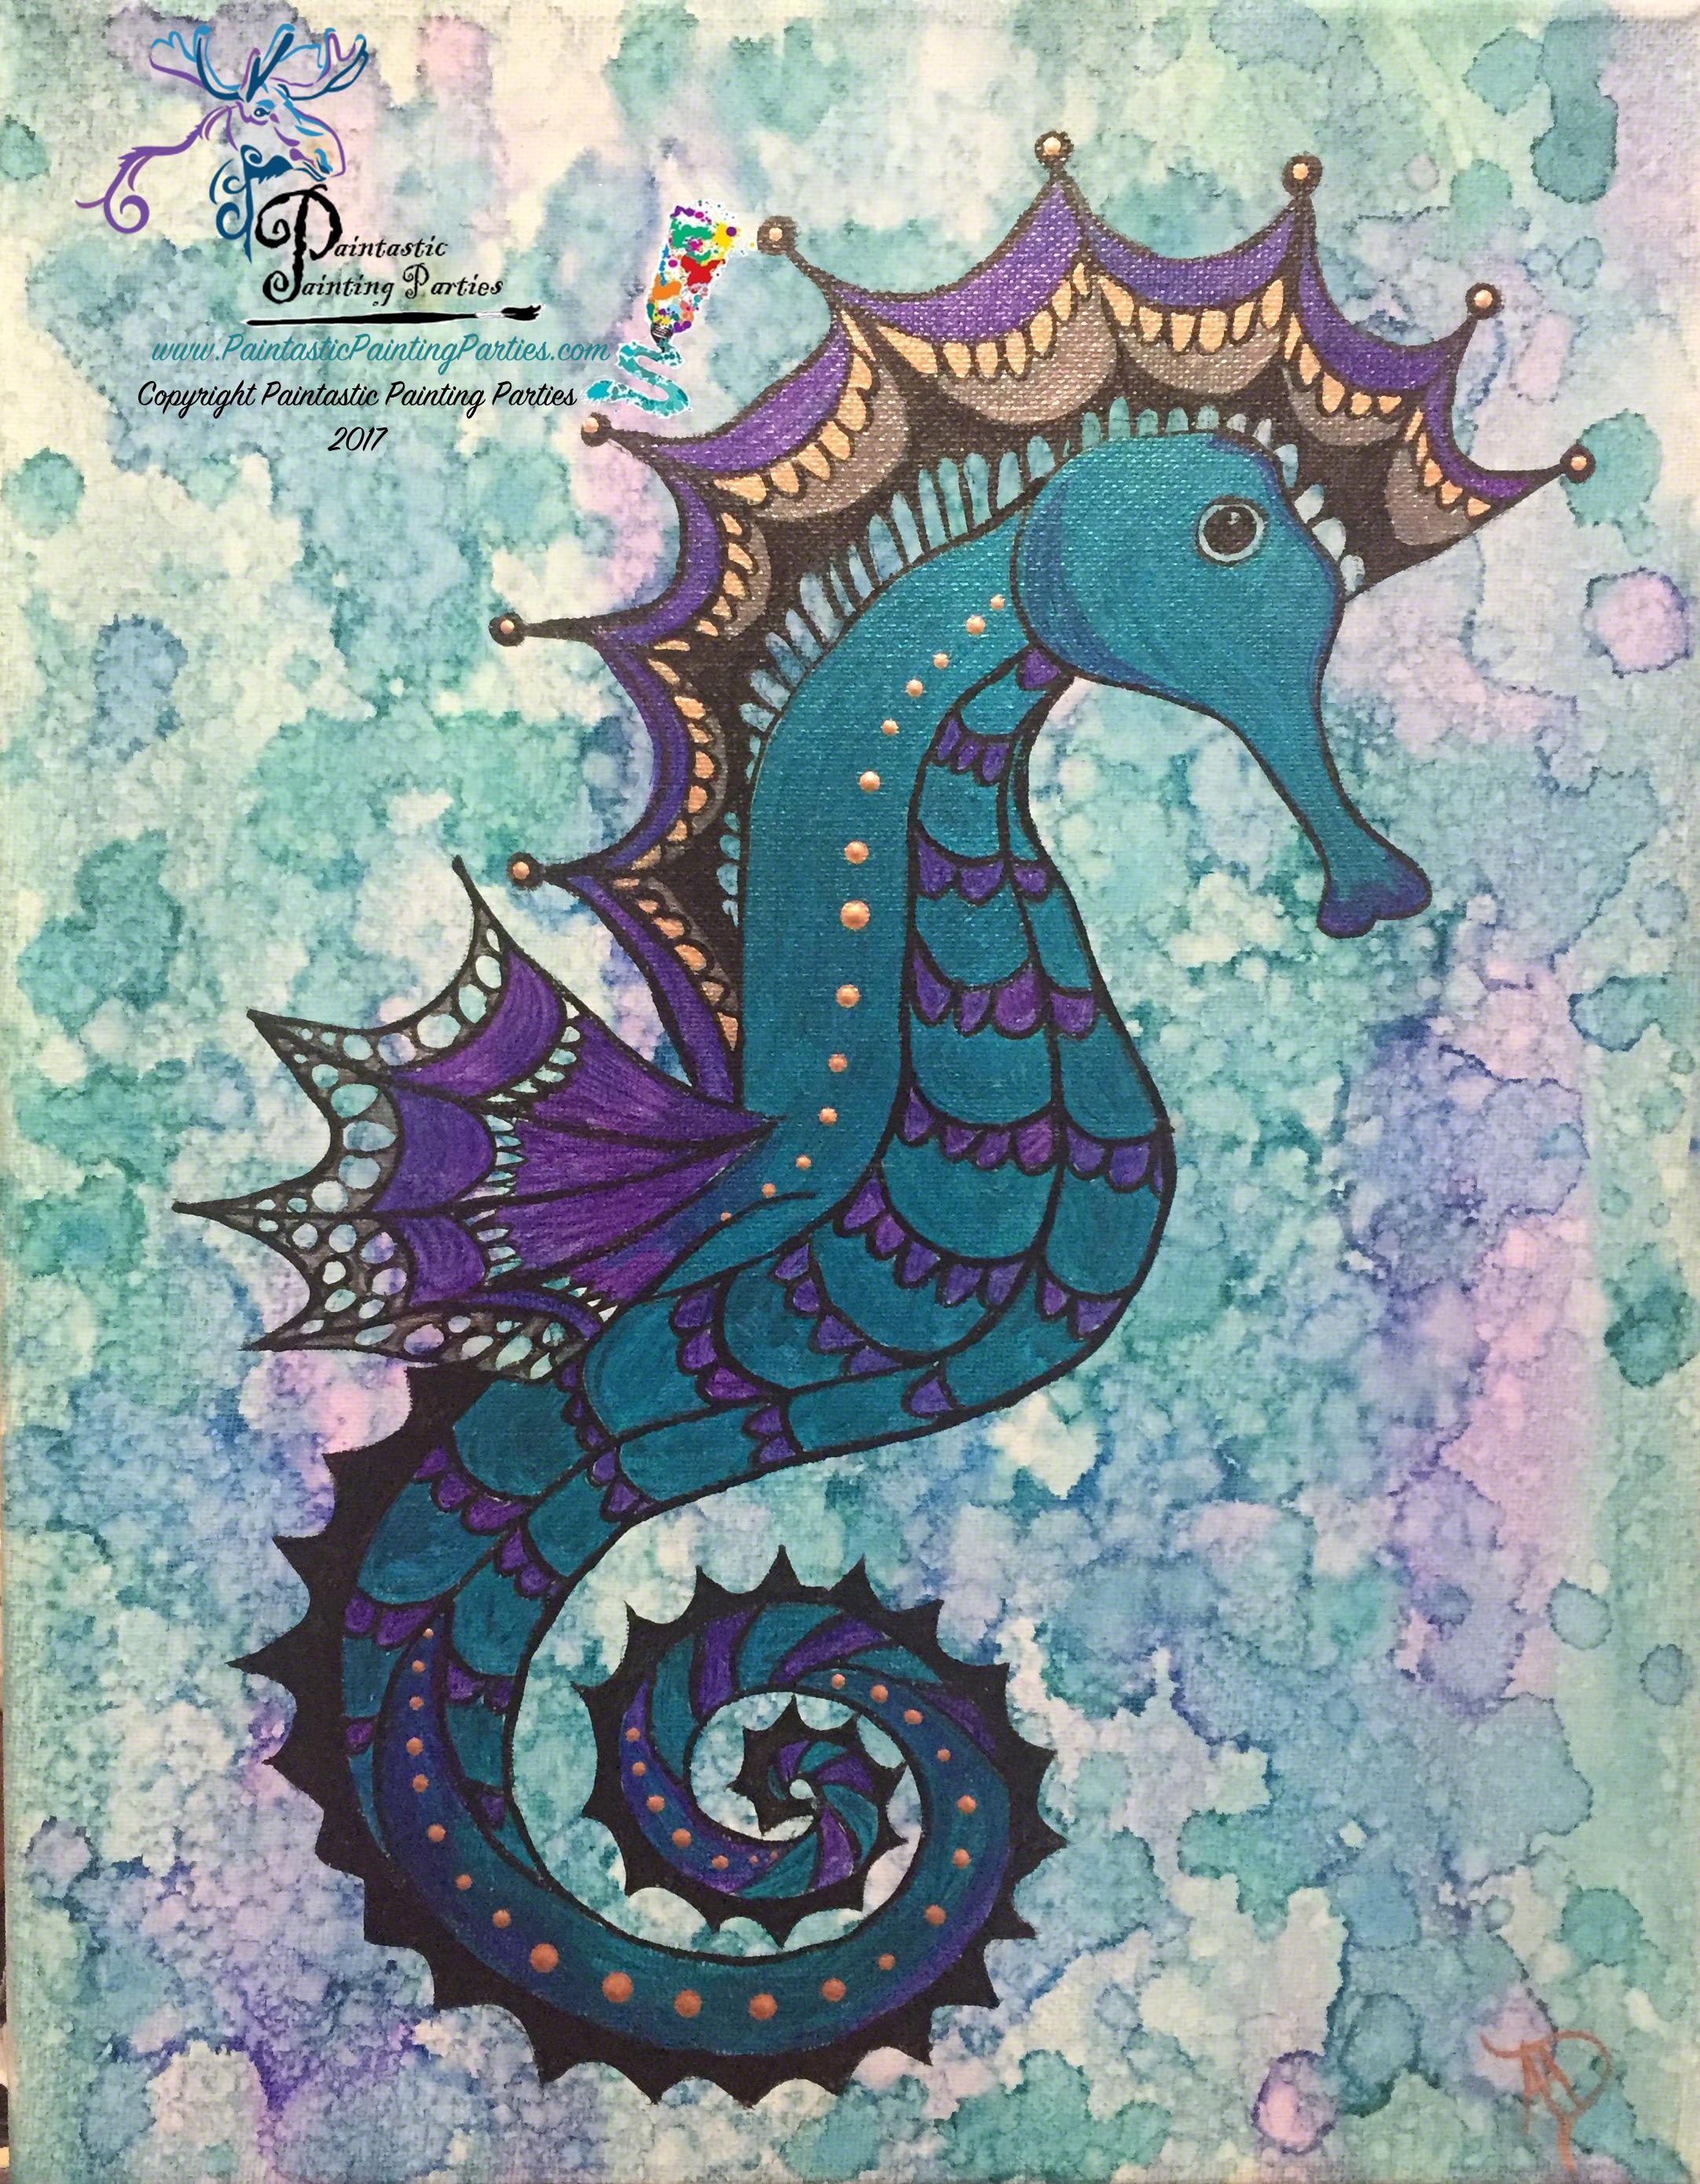 seahorse w watermark